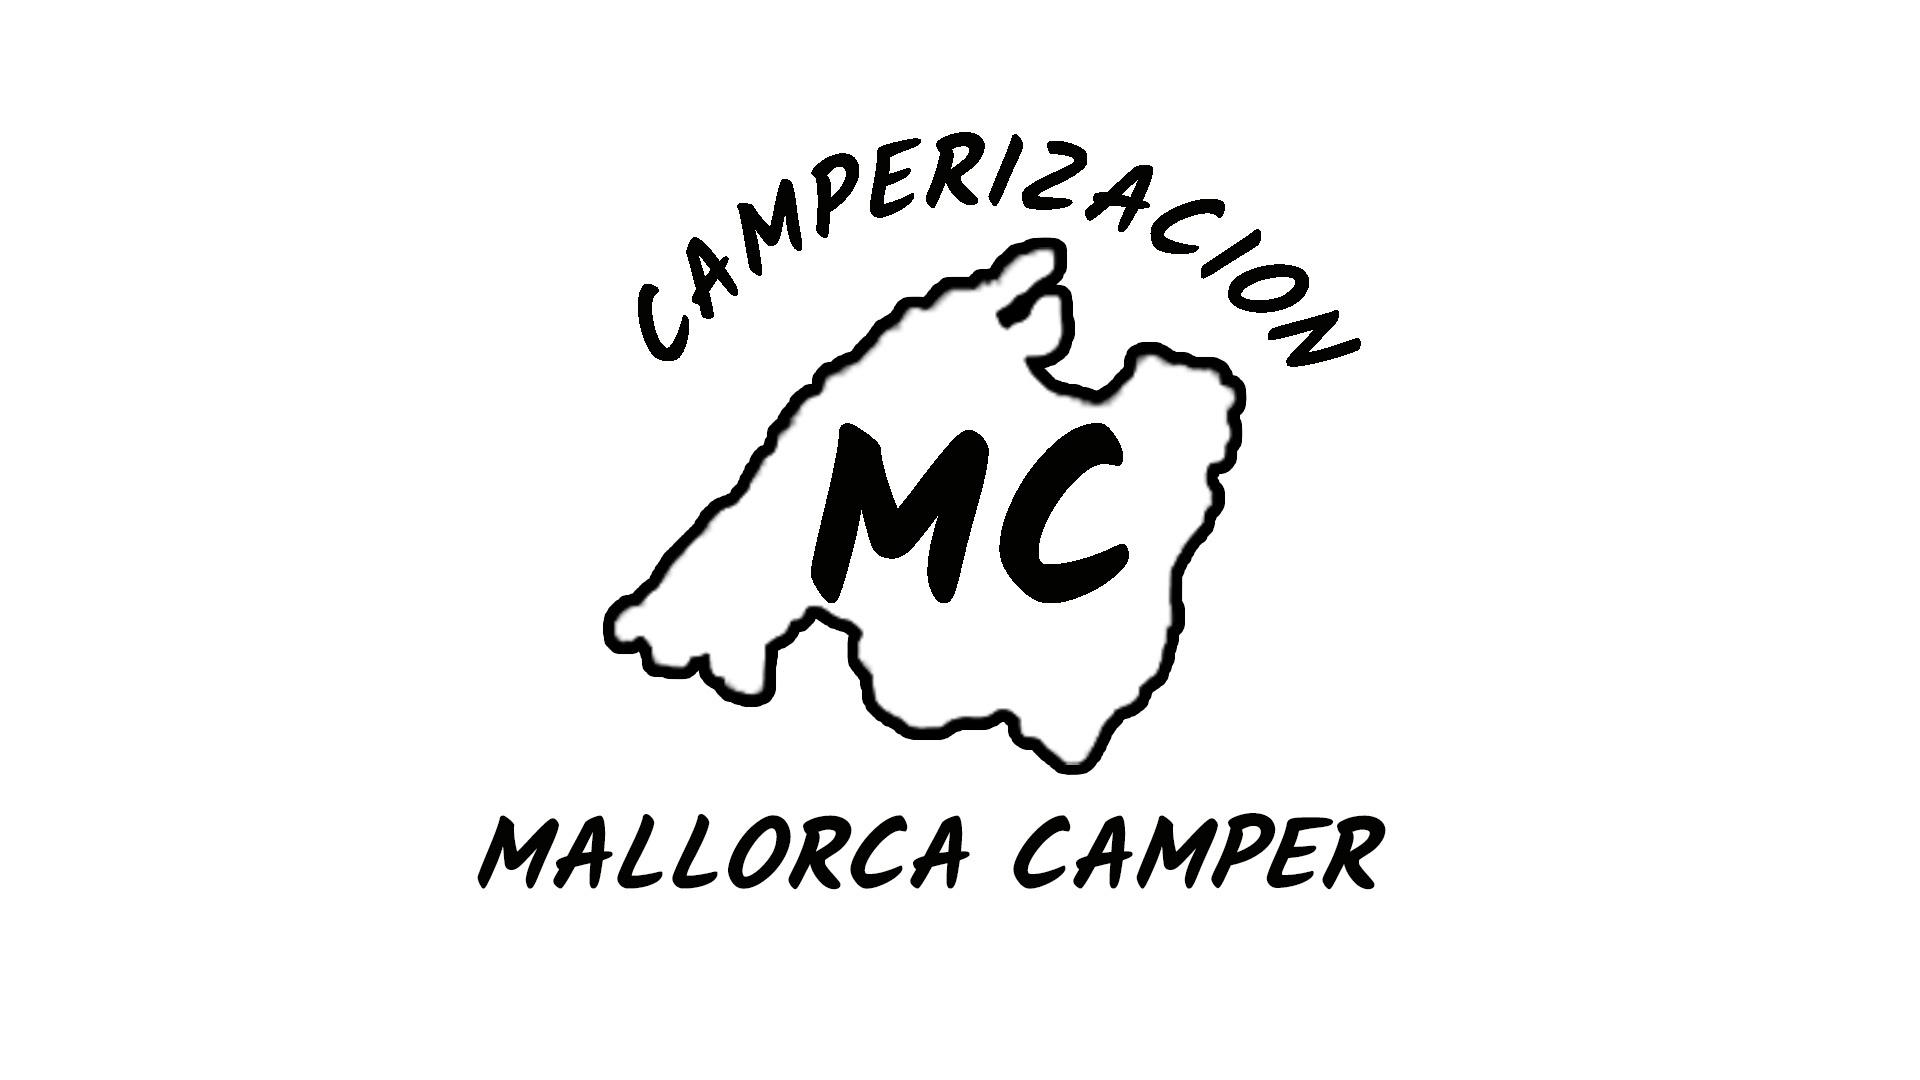 camperizacion mallorca camper